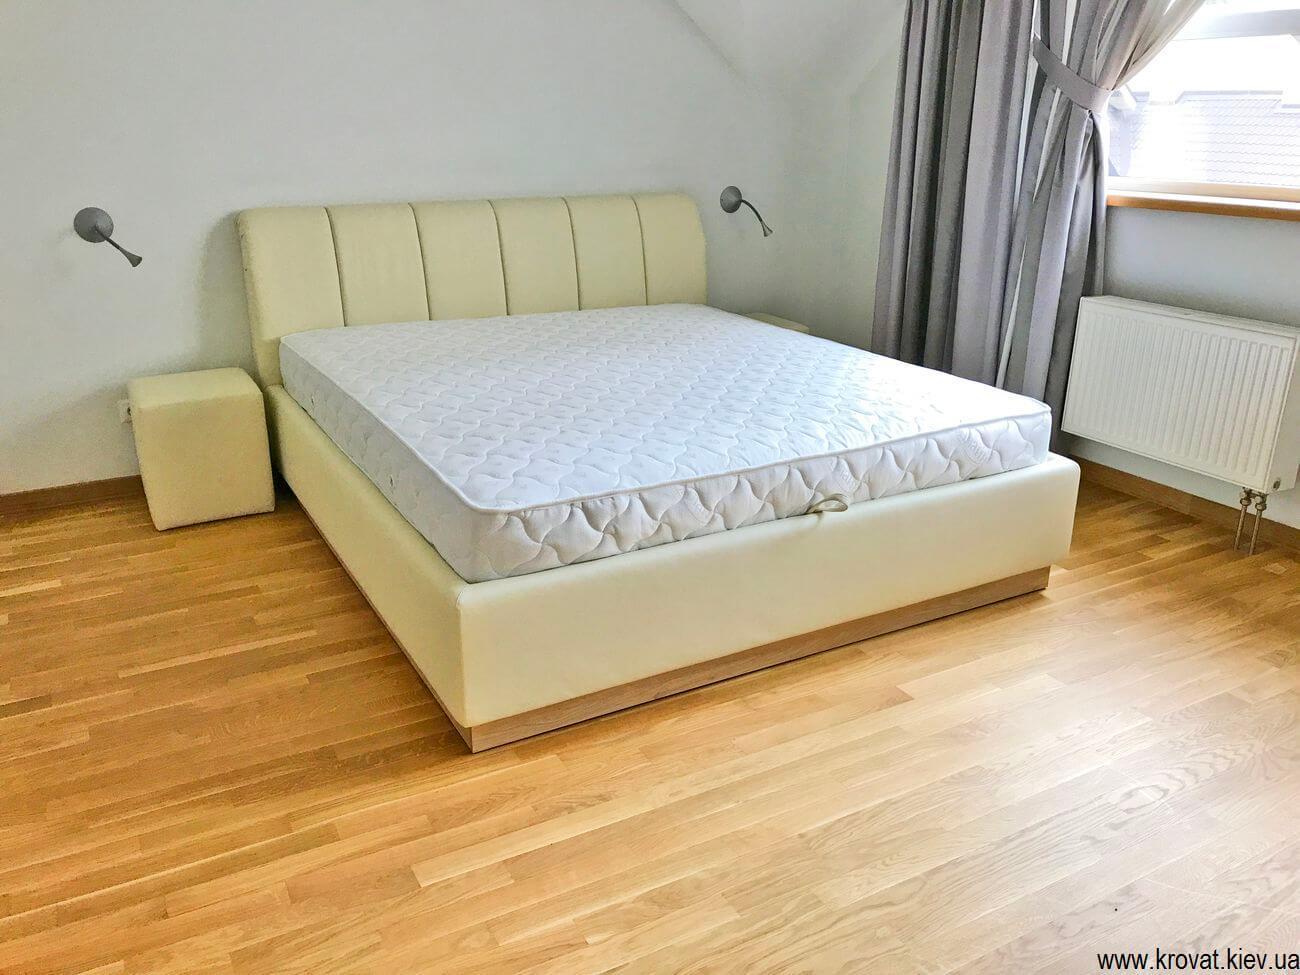 кровать с ортопедическим матрасом в интерьере спальни на заказ